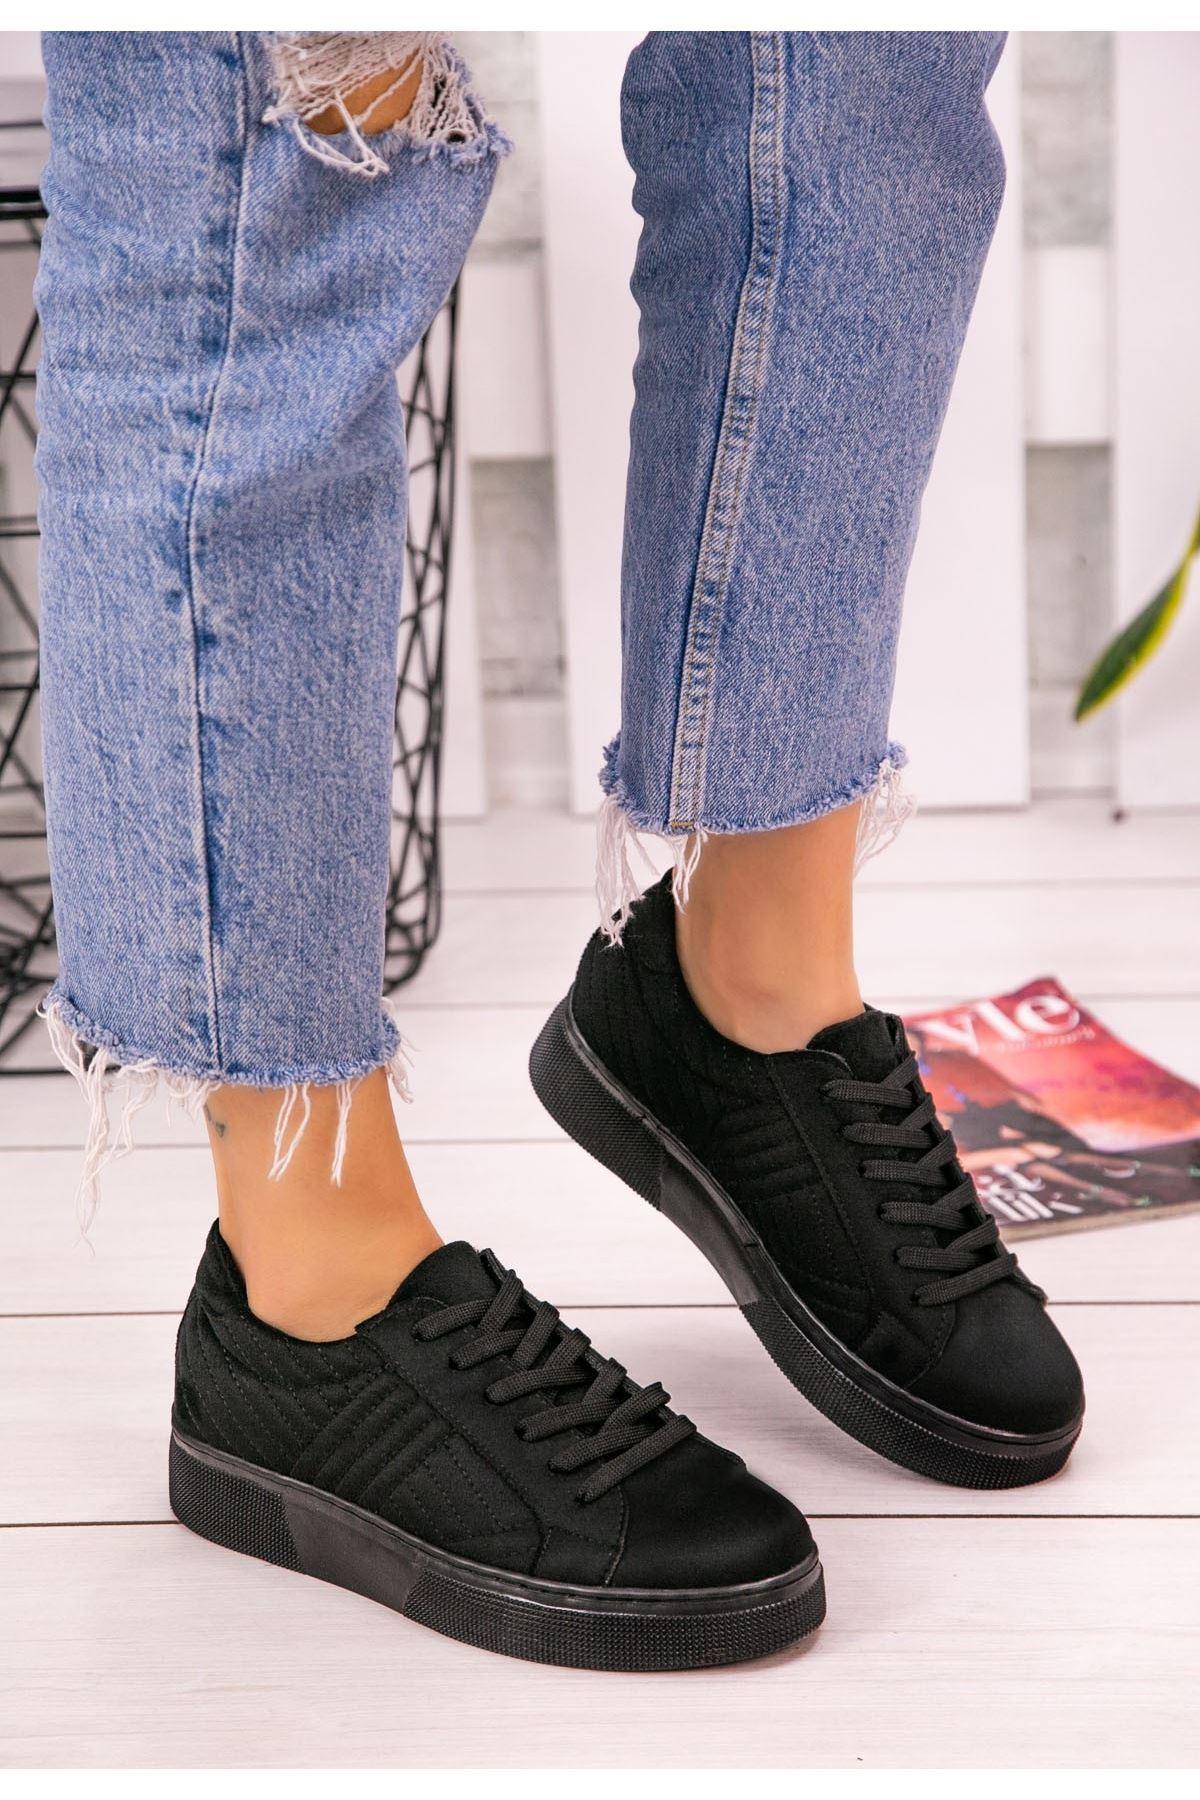 Vika Siyah Süet Bağcıklı Spor Ayakkabı